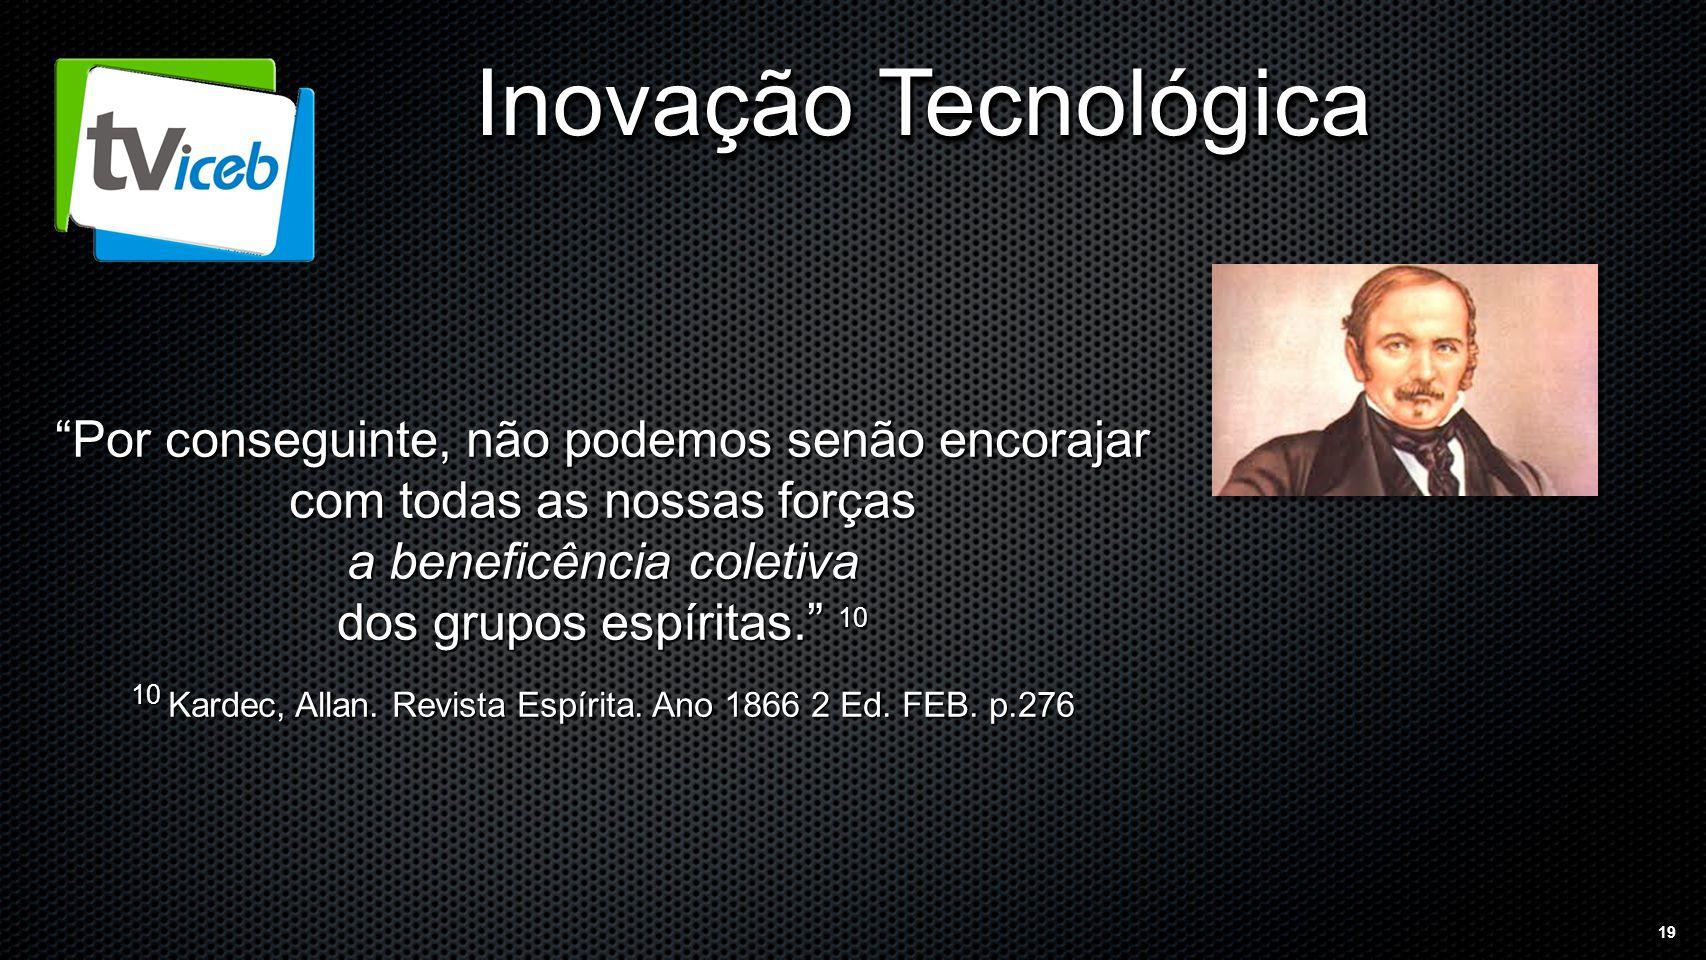 19 Inovação Tecnológica Por conseguinte, não podemos senão encorajar com todas as nossas forças a beneficência coletiva dos grupos espíritas. 10 10 Kardec, Allan.